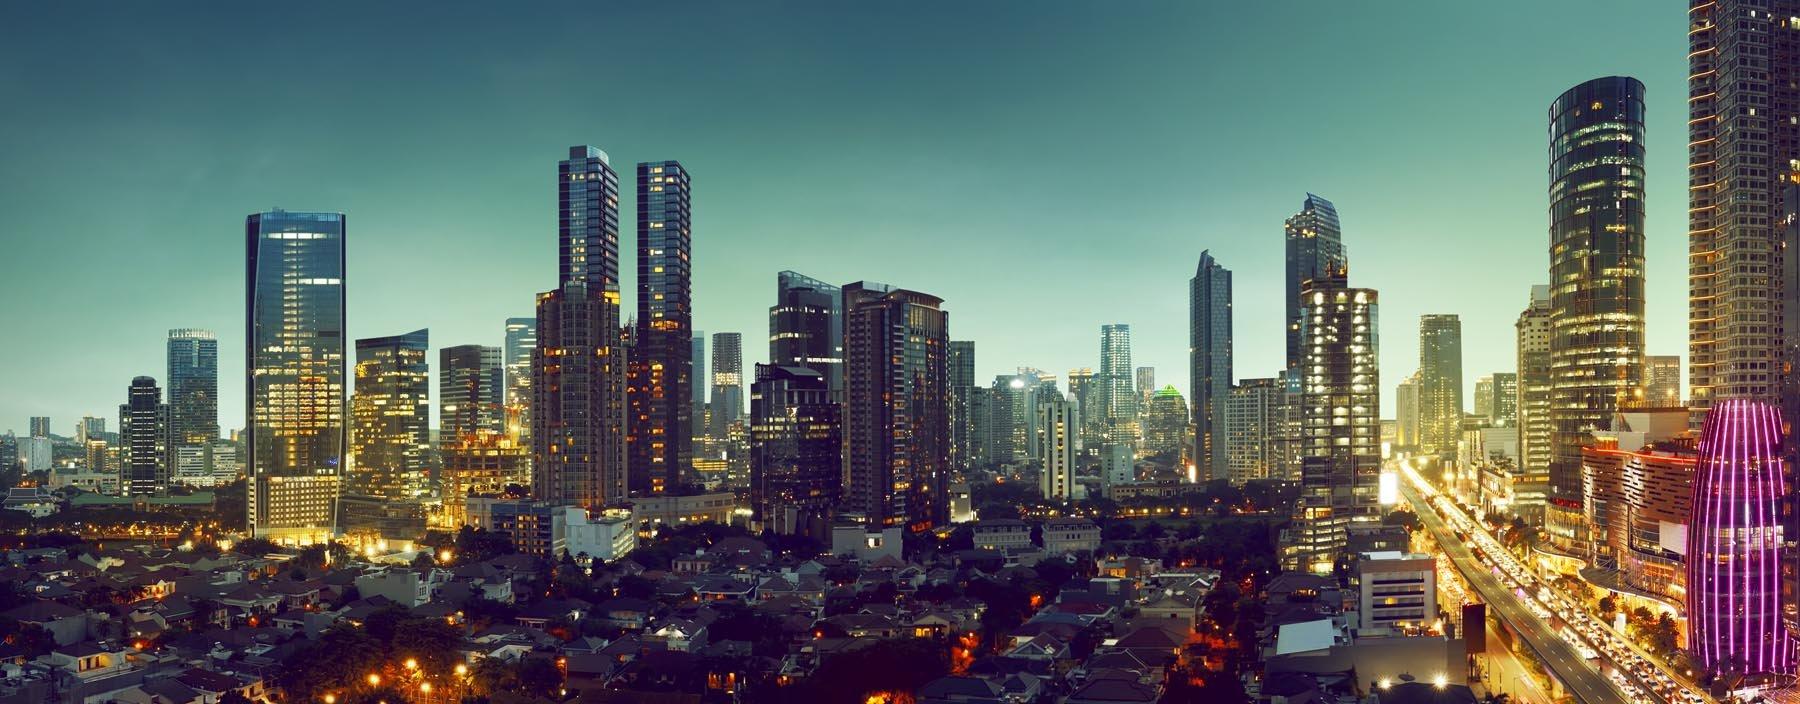 id, java, jakarta ,building and traffic of jakarta city.jpg